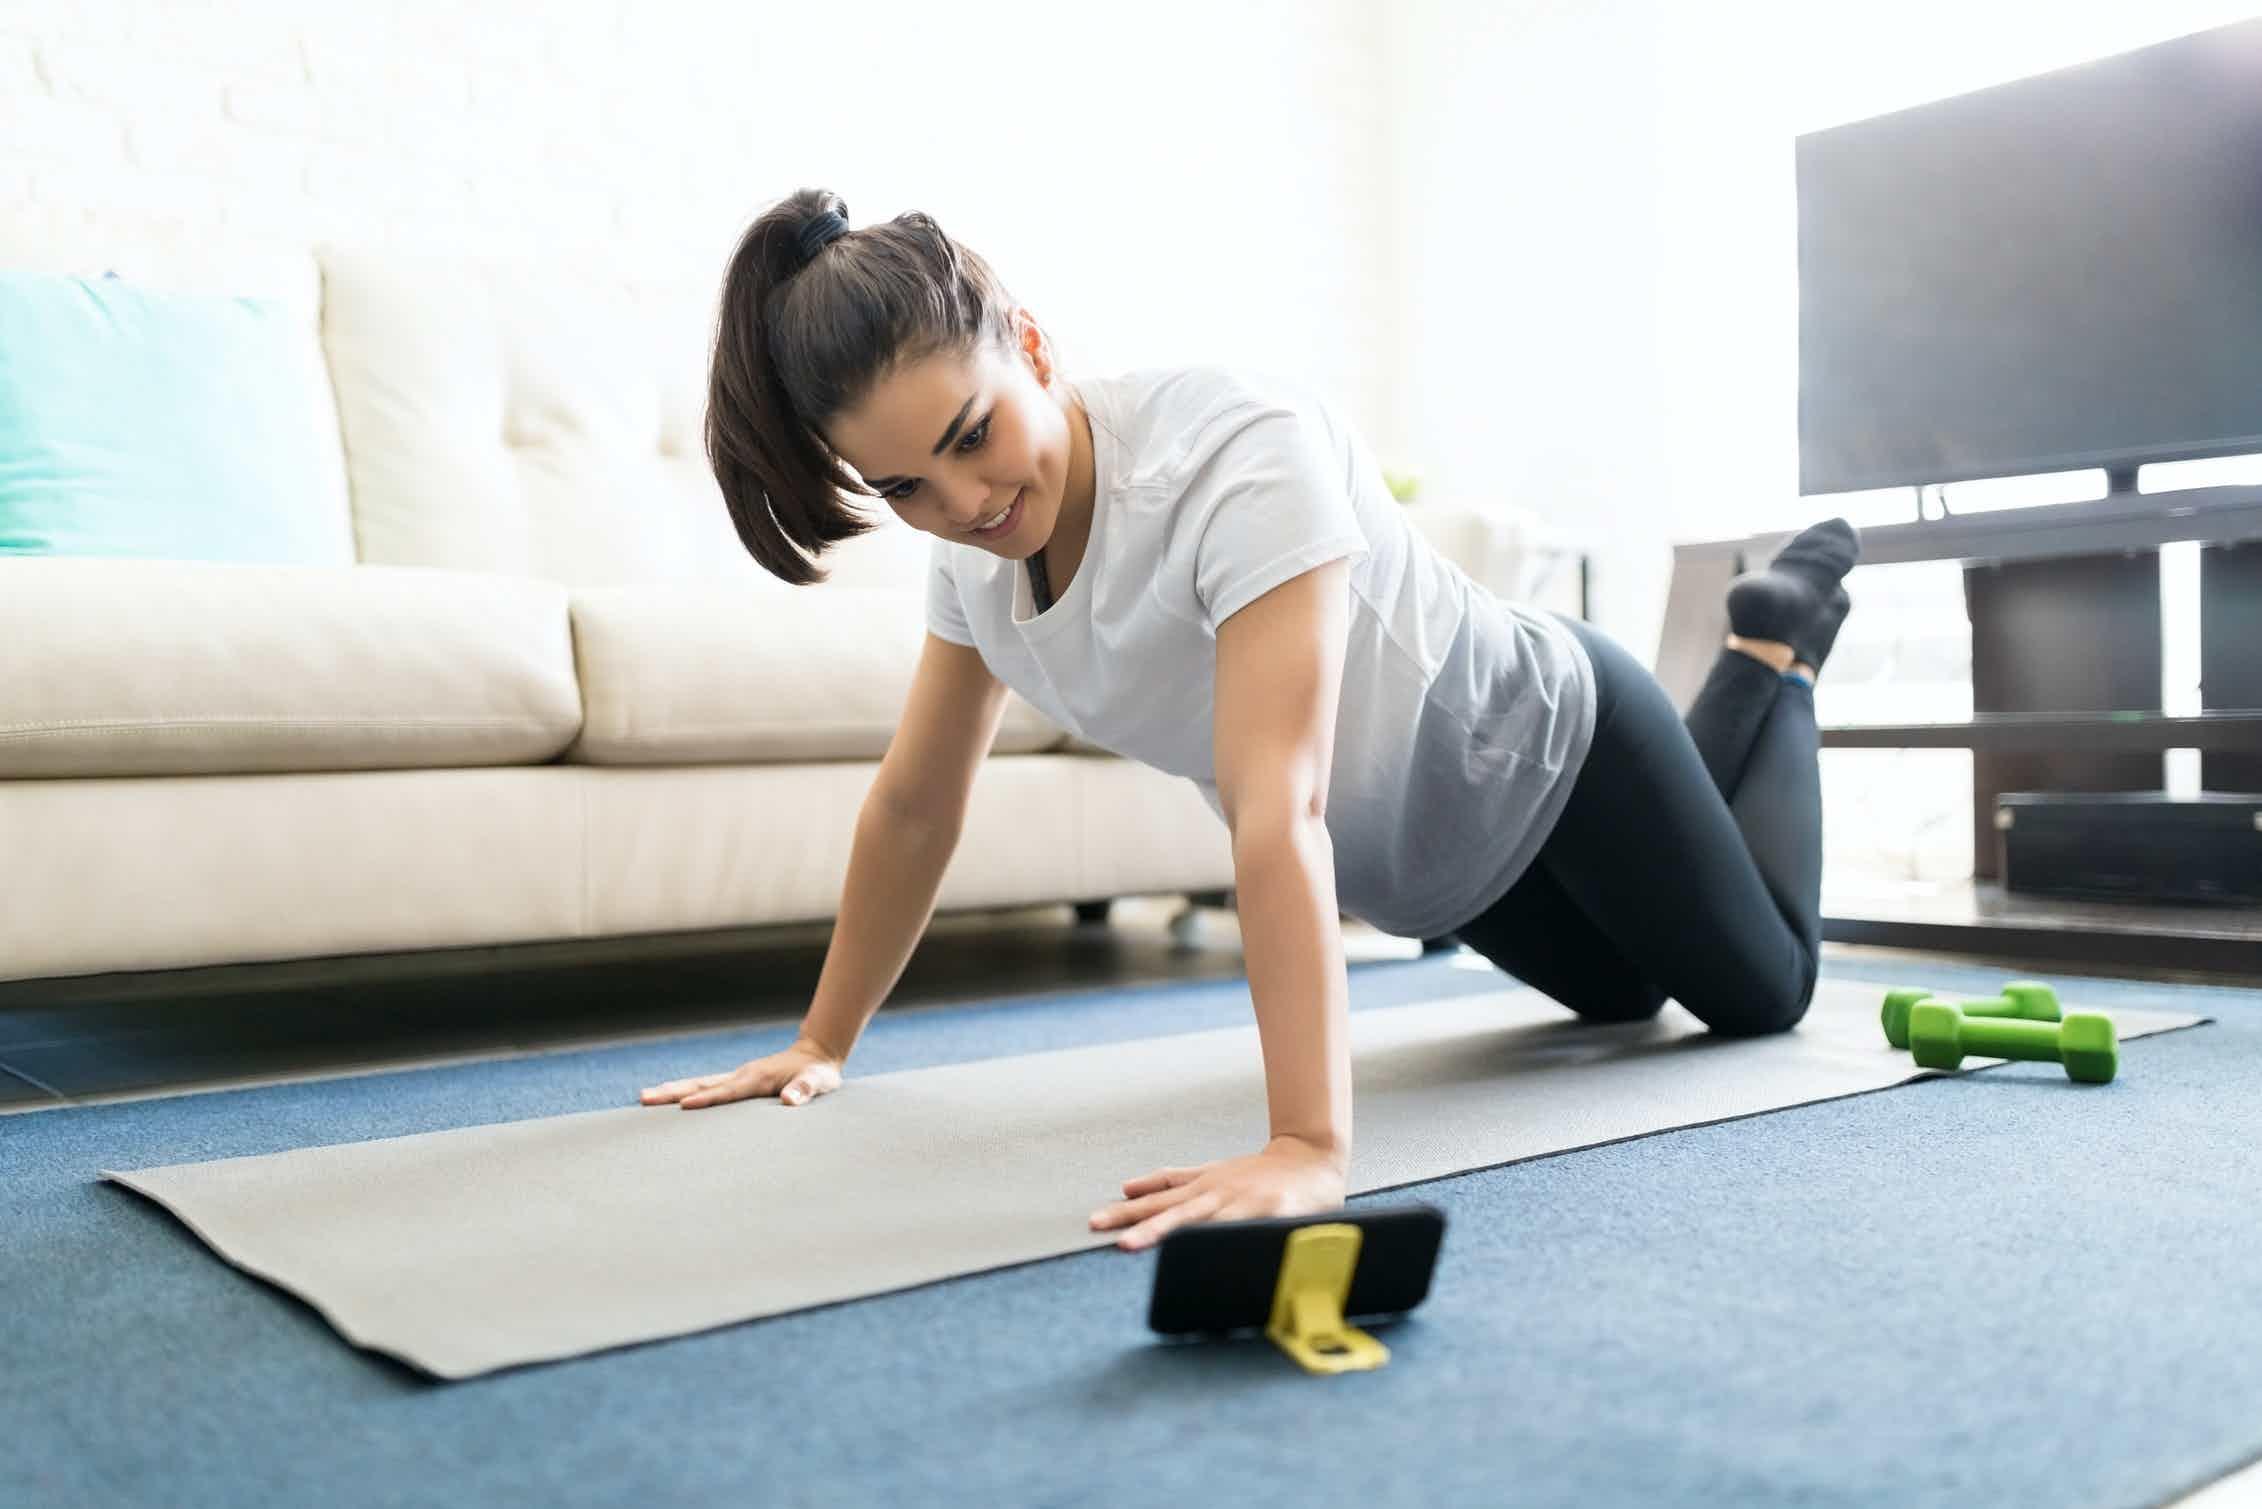 Как побороть лень и заставить себя начать заниматься спортом: простые лайфхаки от тренера